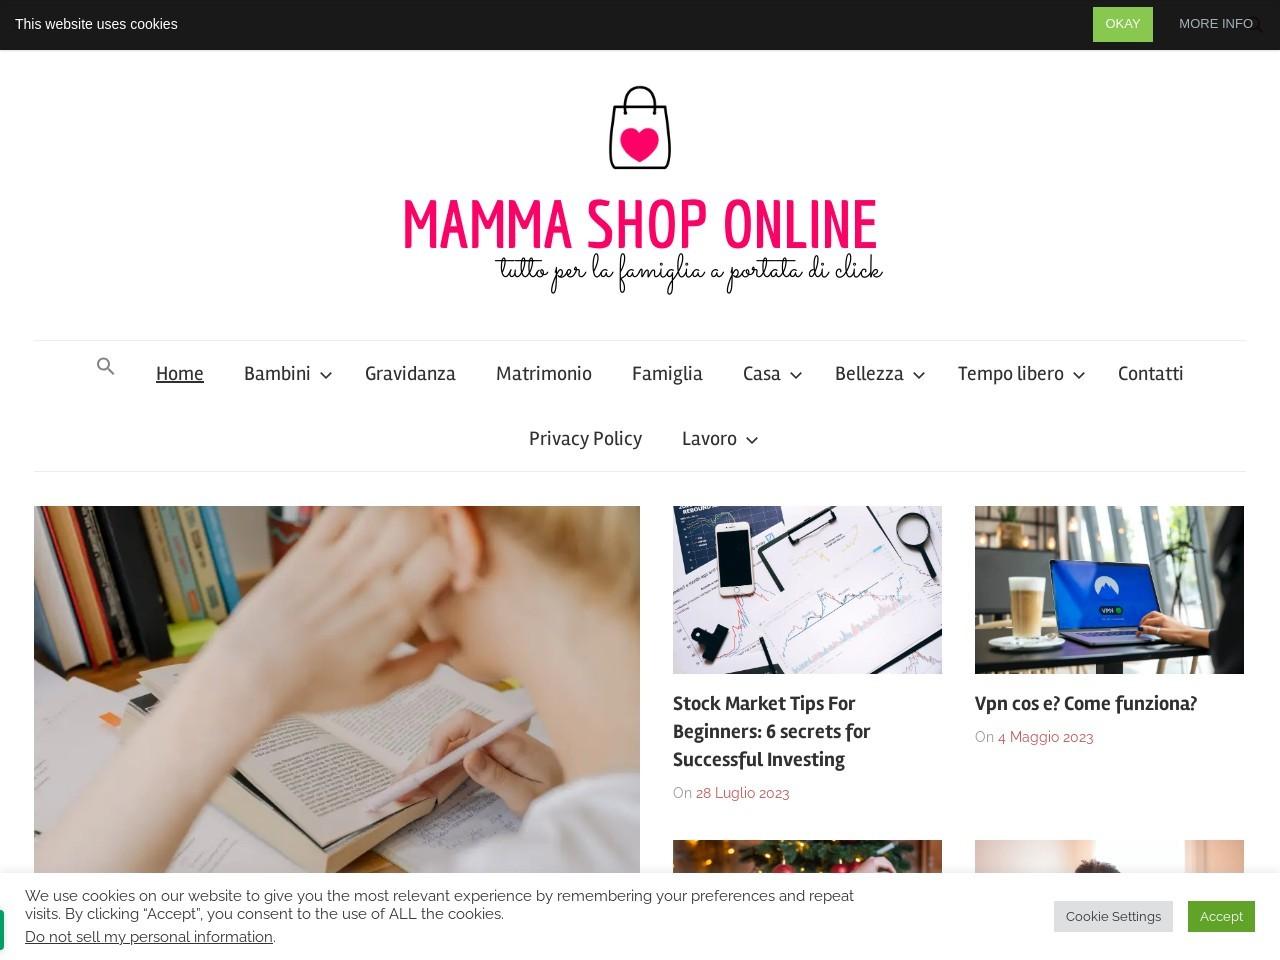 mamma-shop-online